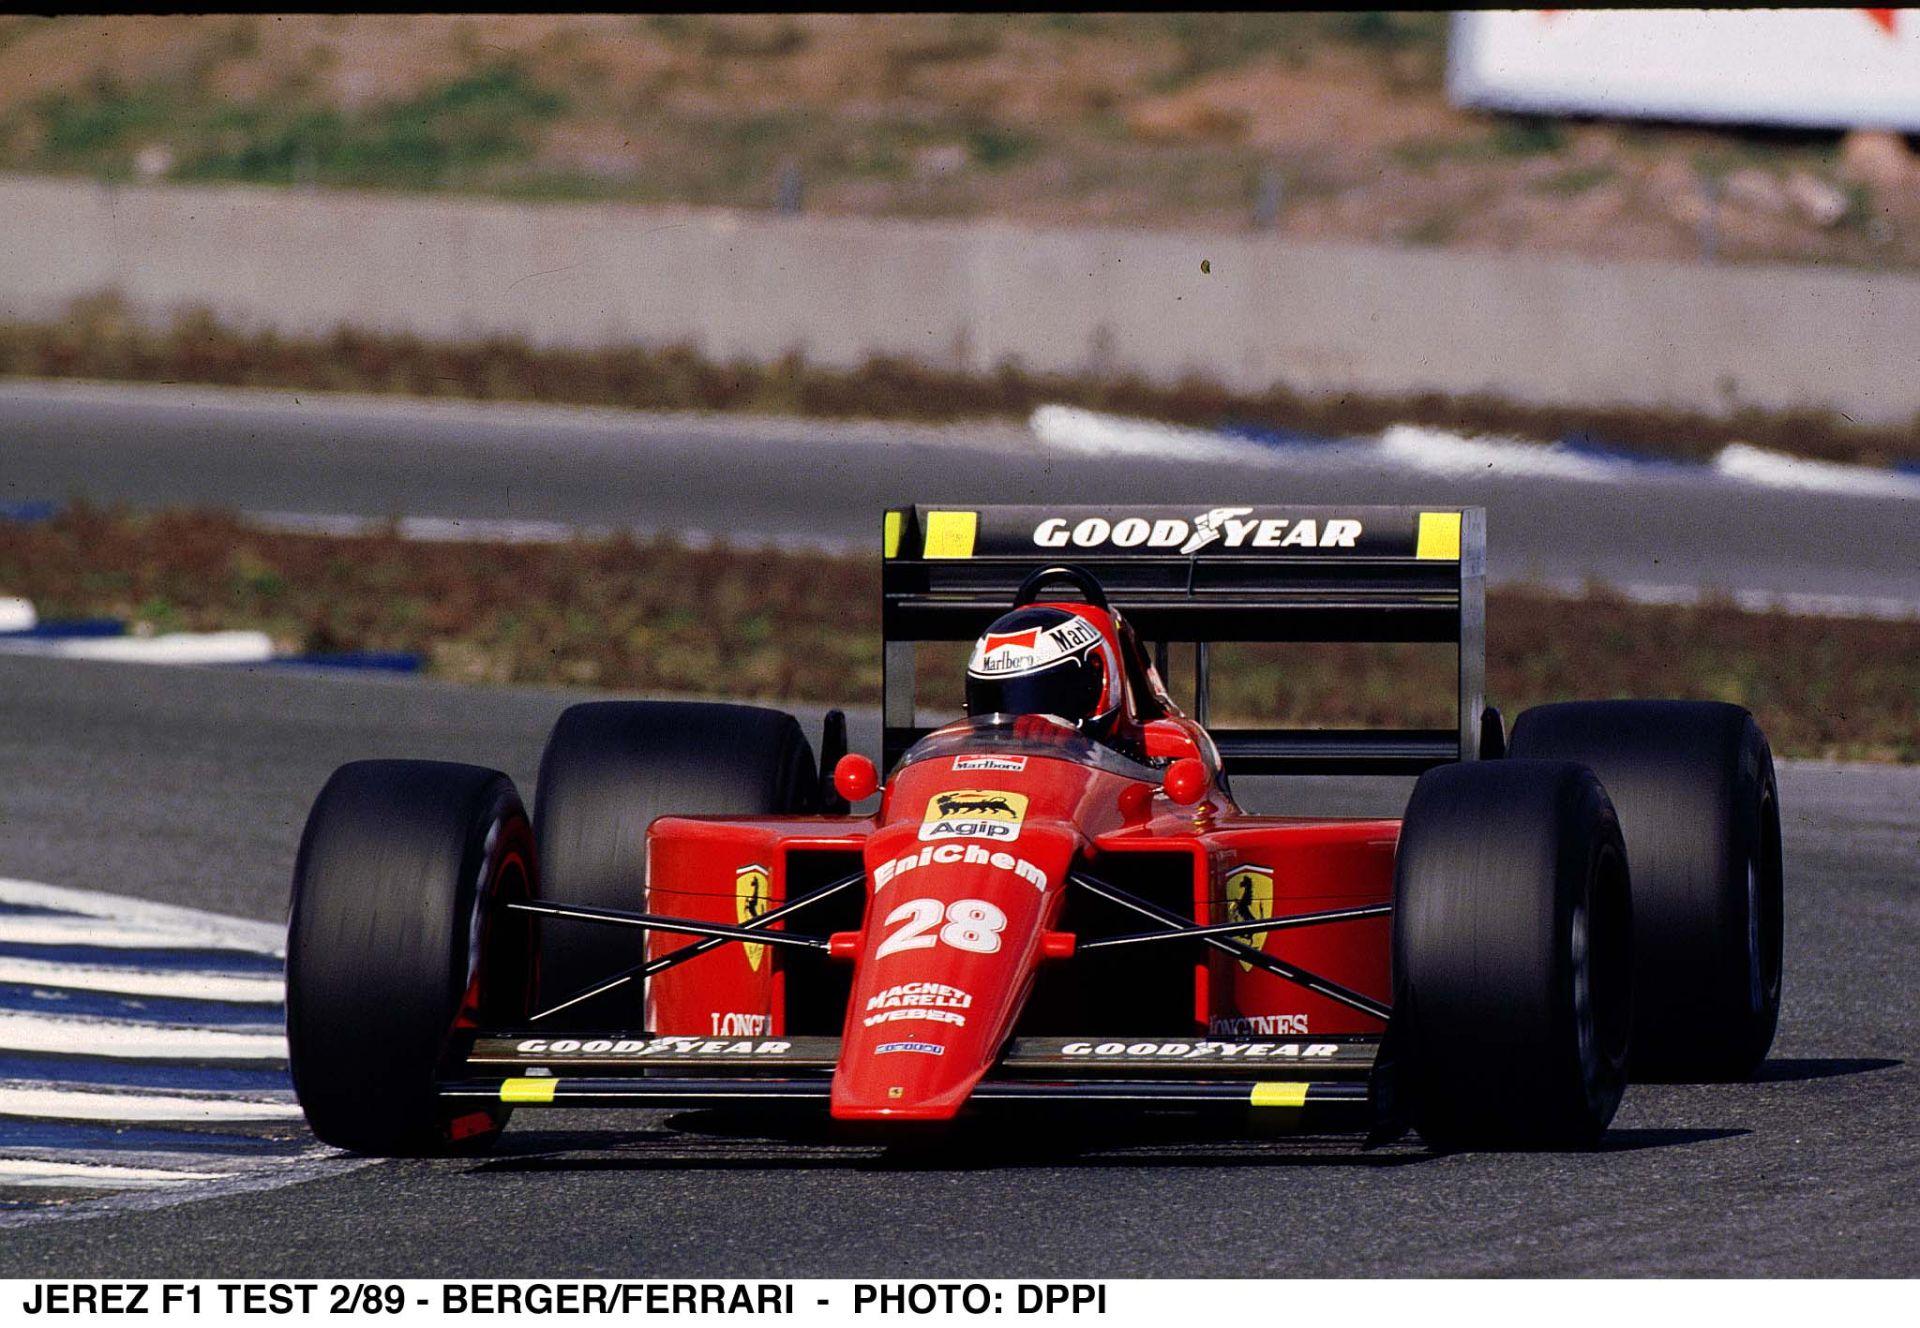 Egy 1 óra 40 perces onboard videó Bergerrel, ahogy megnyeri a Ferrarival a Portugál Nagydíjat